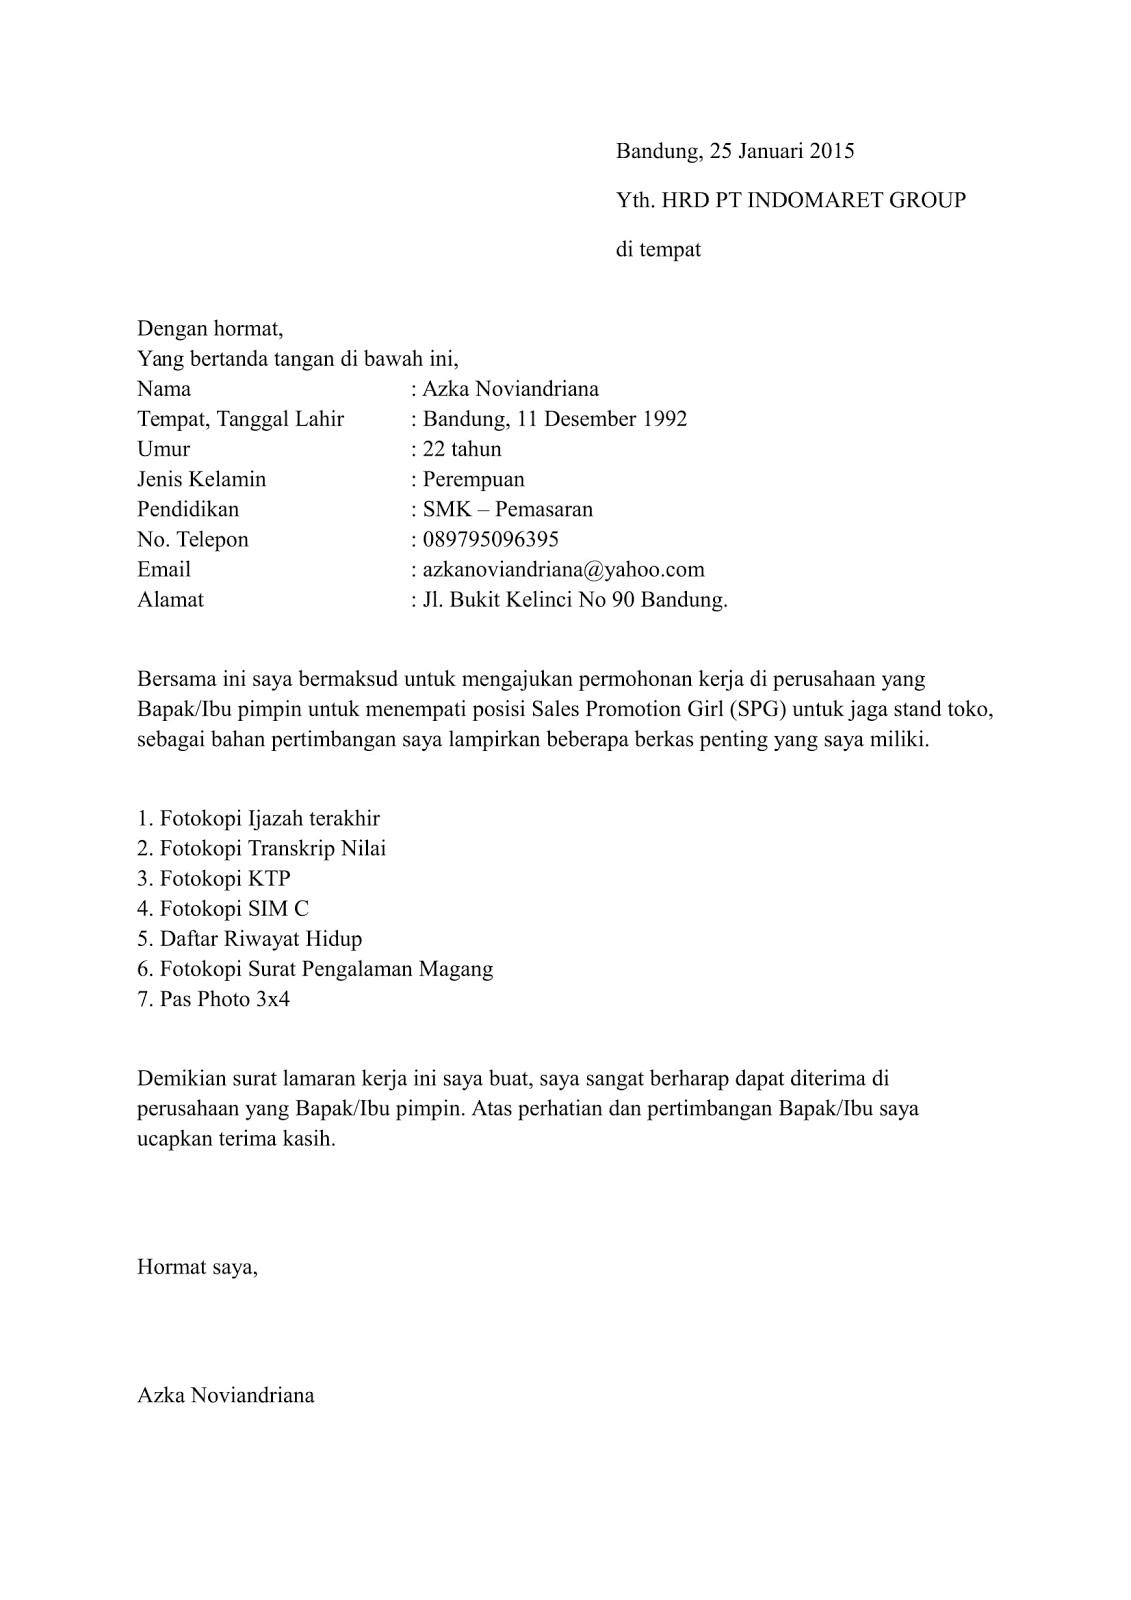 20++ Contoh surat lamaran kerja indomaret 2021 terbaru terbaik